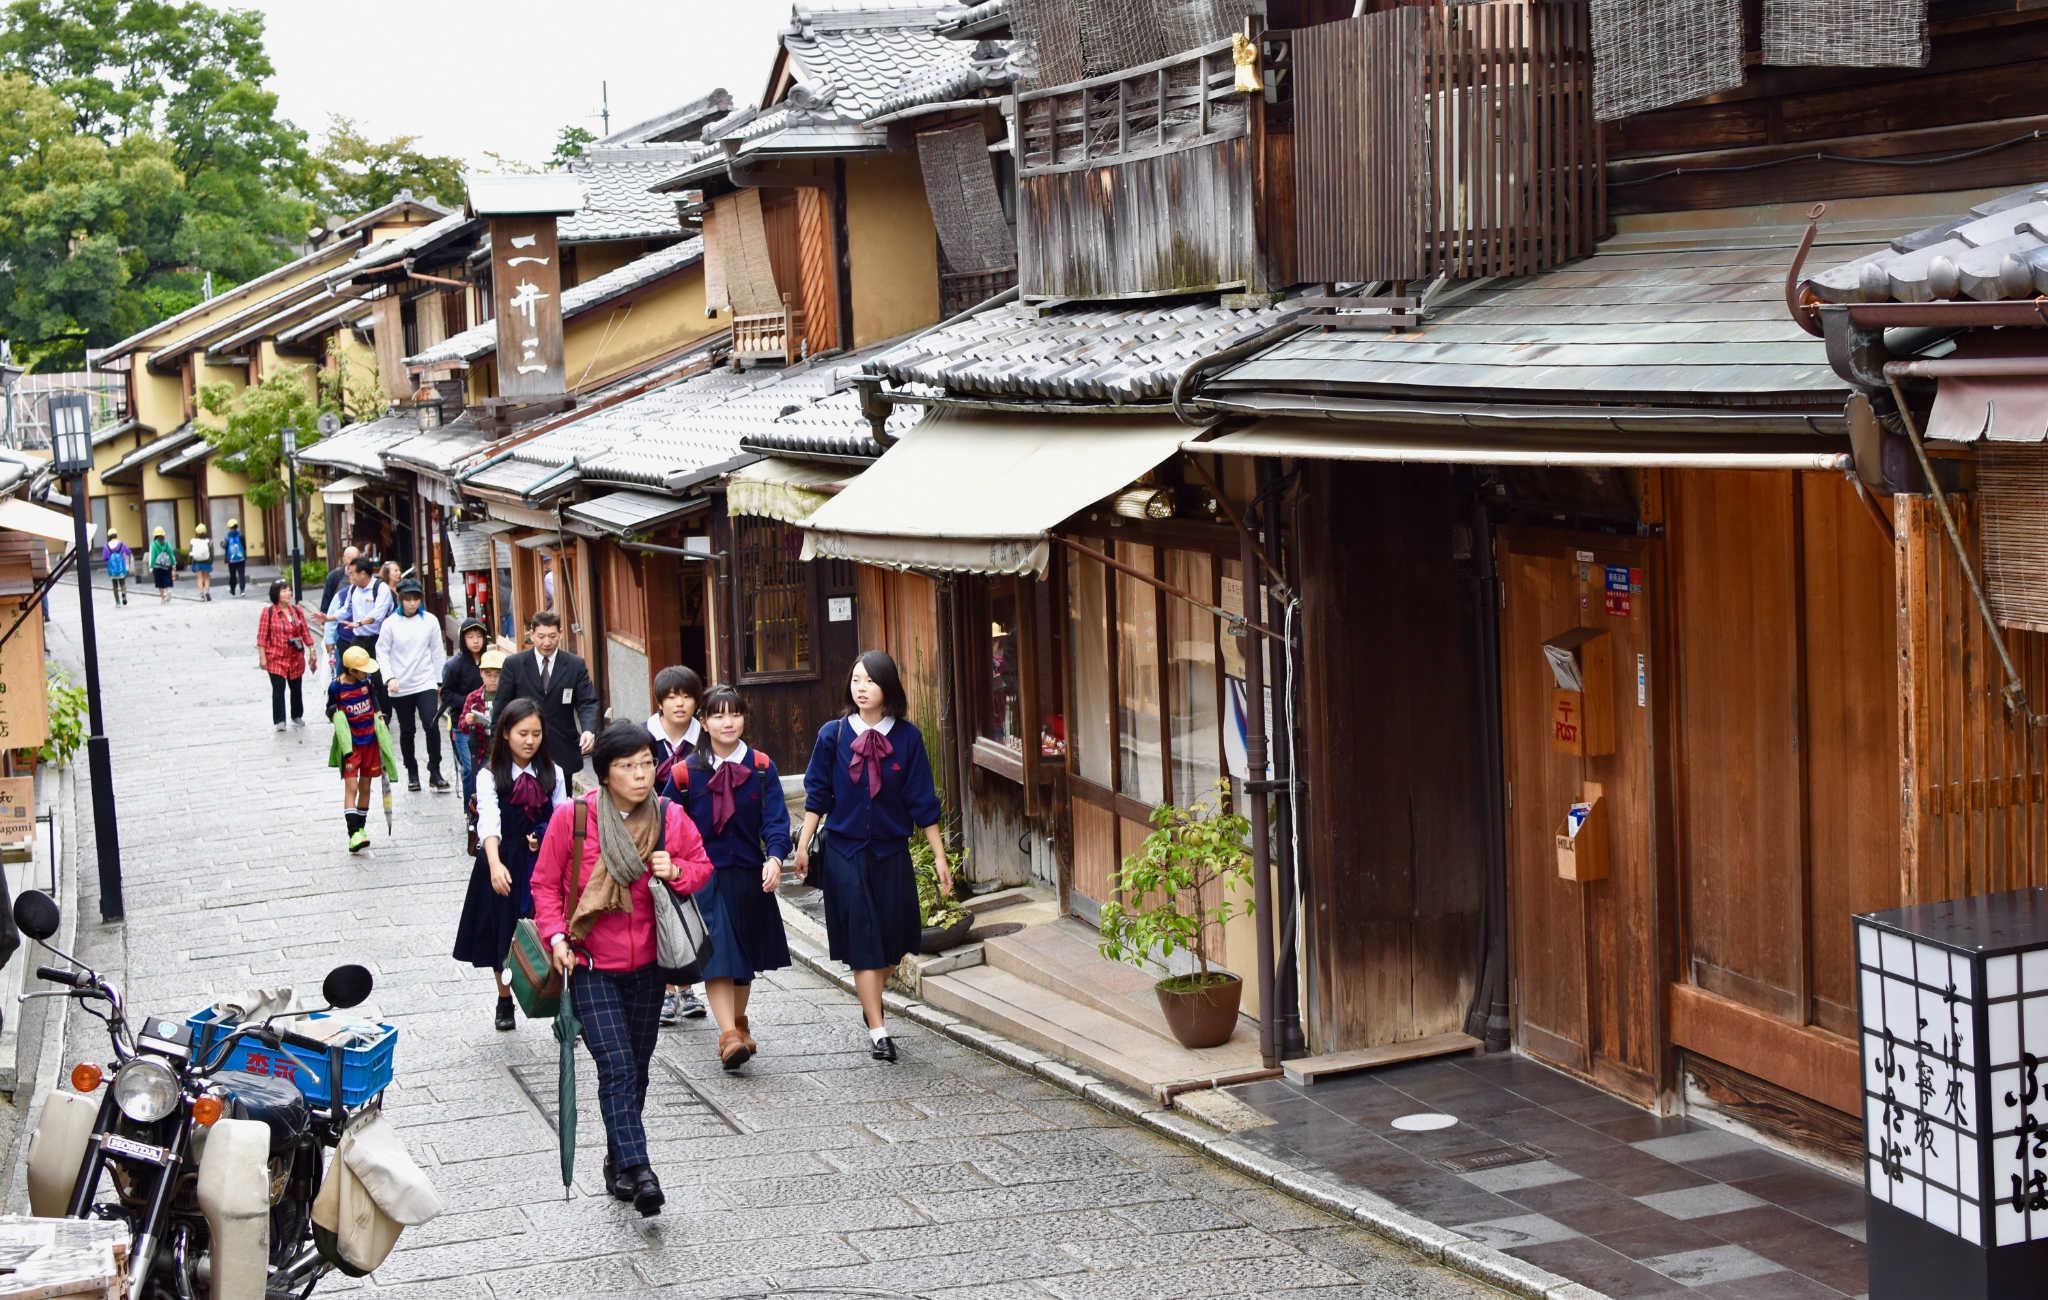 On aime flâner dans ce quartier avec ses nombreuses maisons traditionnelles en bois